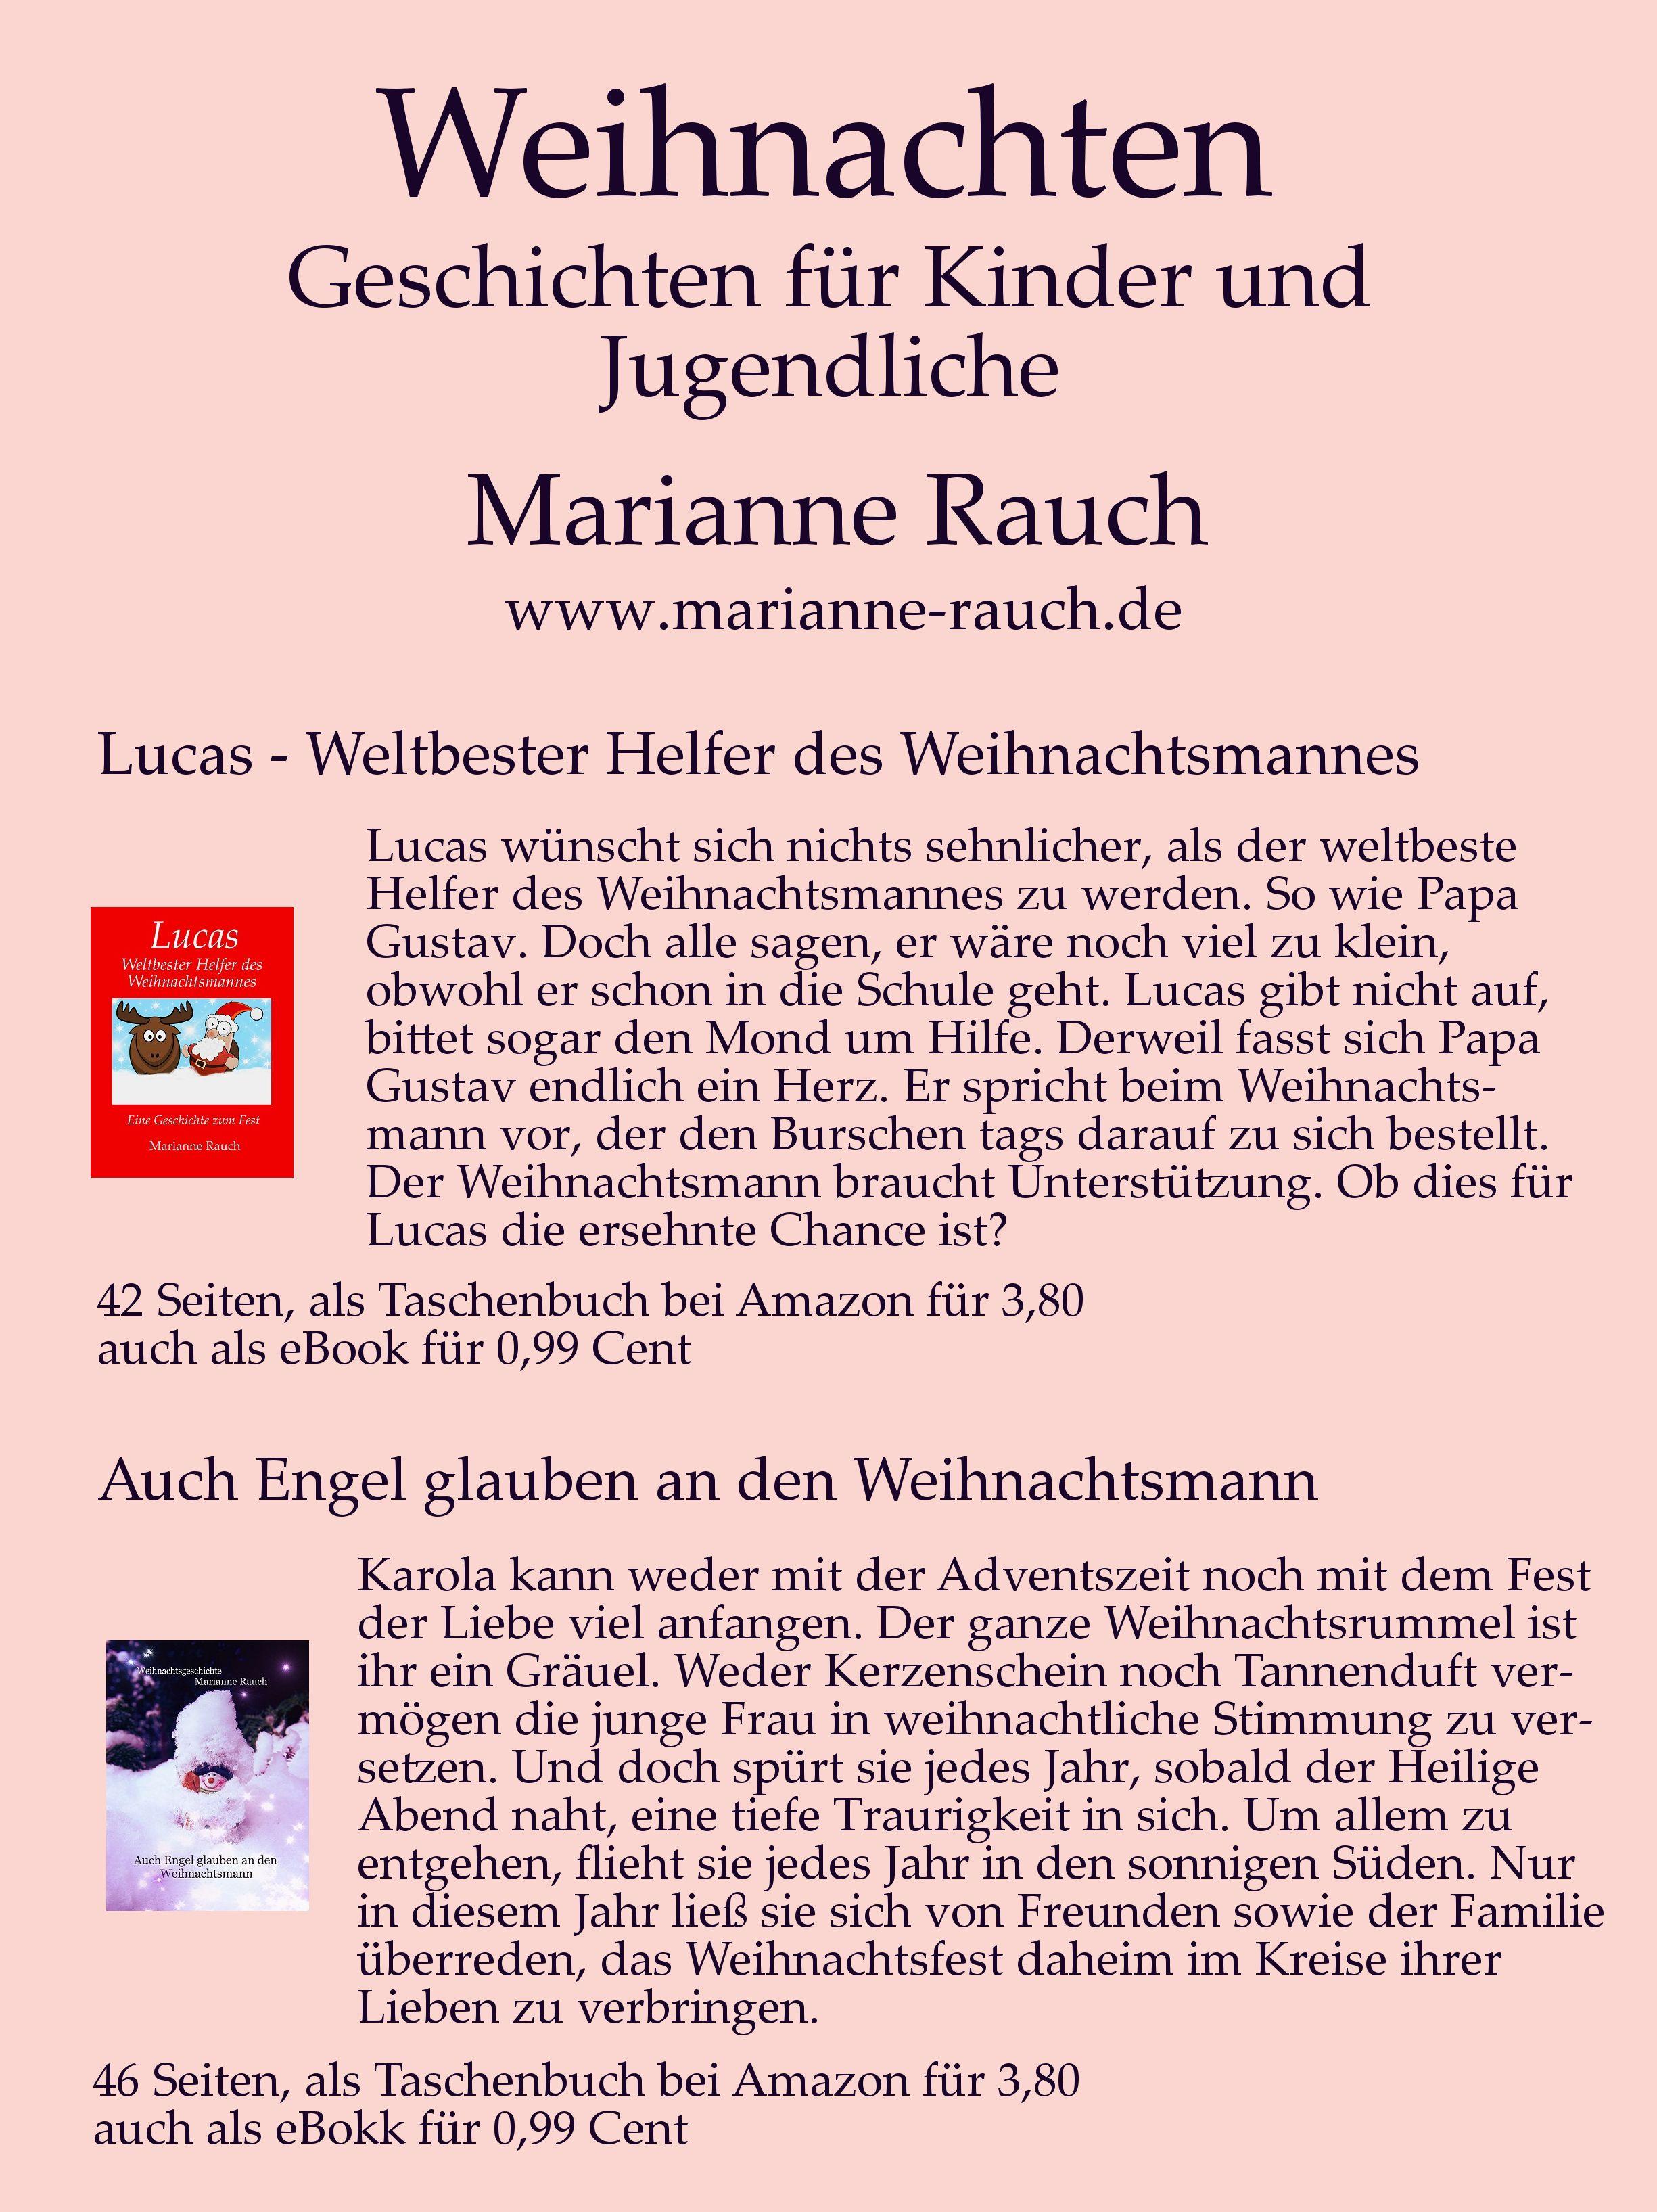 Weihnachtsgeschichten Fur Kinder Und Jugendliche Von Marianne Rauch Besucht Die Autorin Bei Amazon Do Weihnachtsgeschichte Kinder Weihnachtsgeschichte Bucher